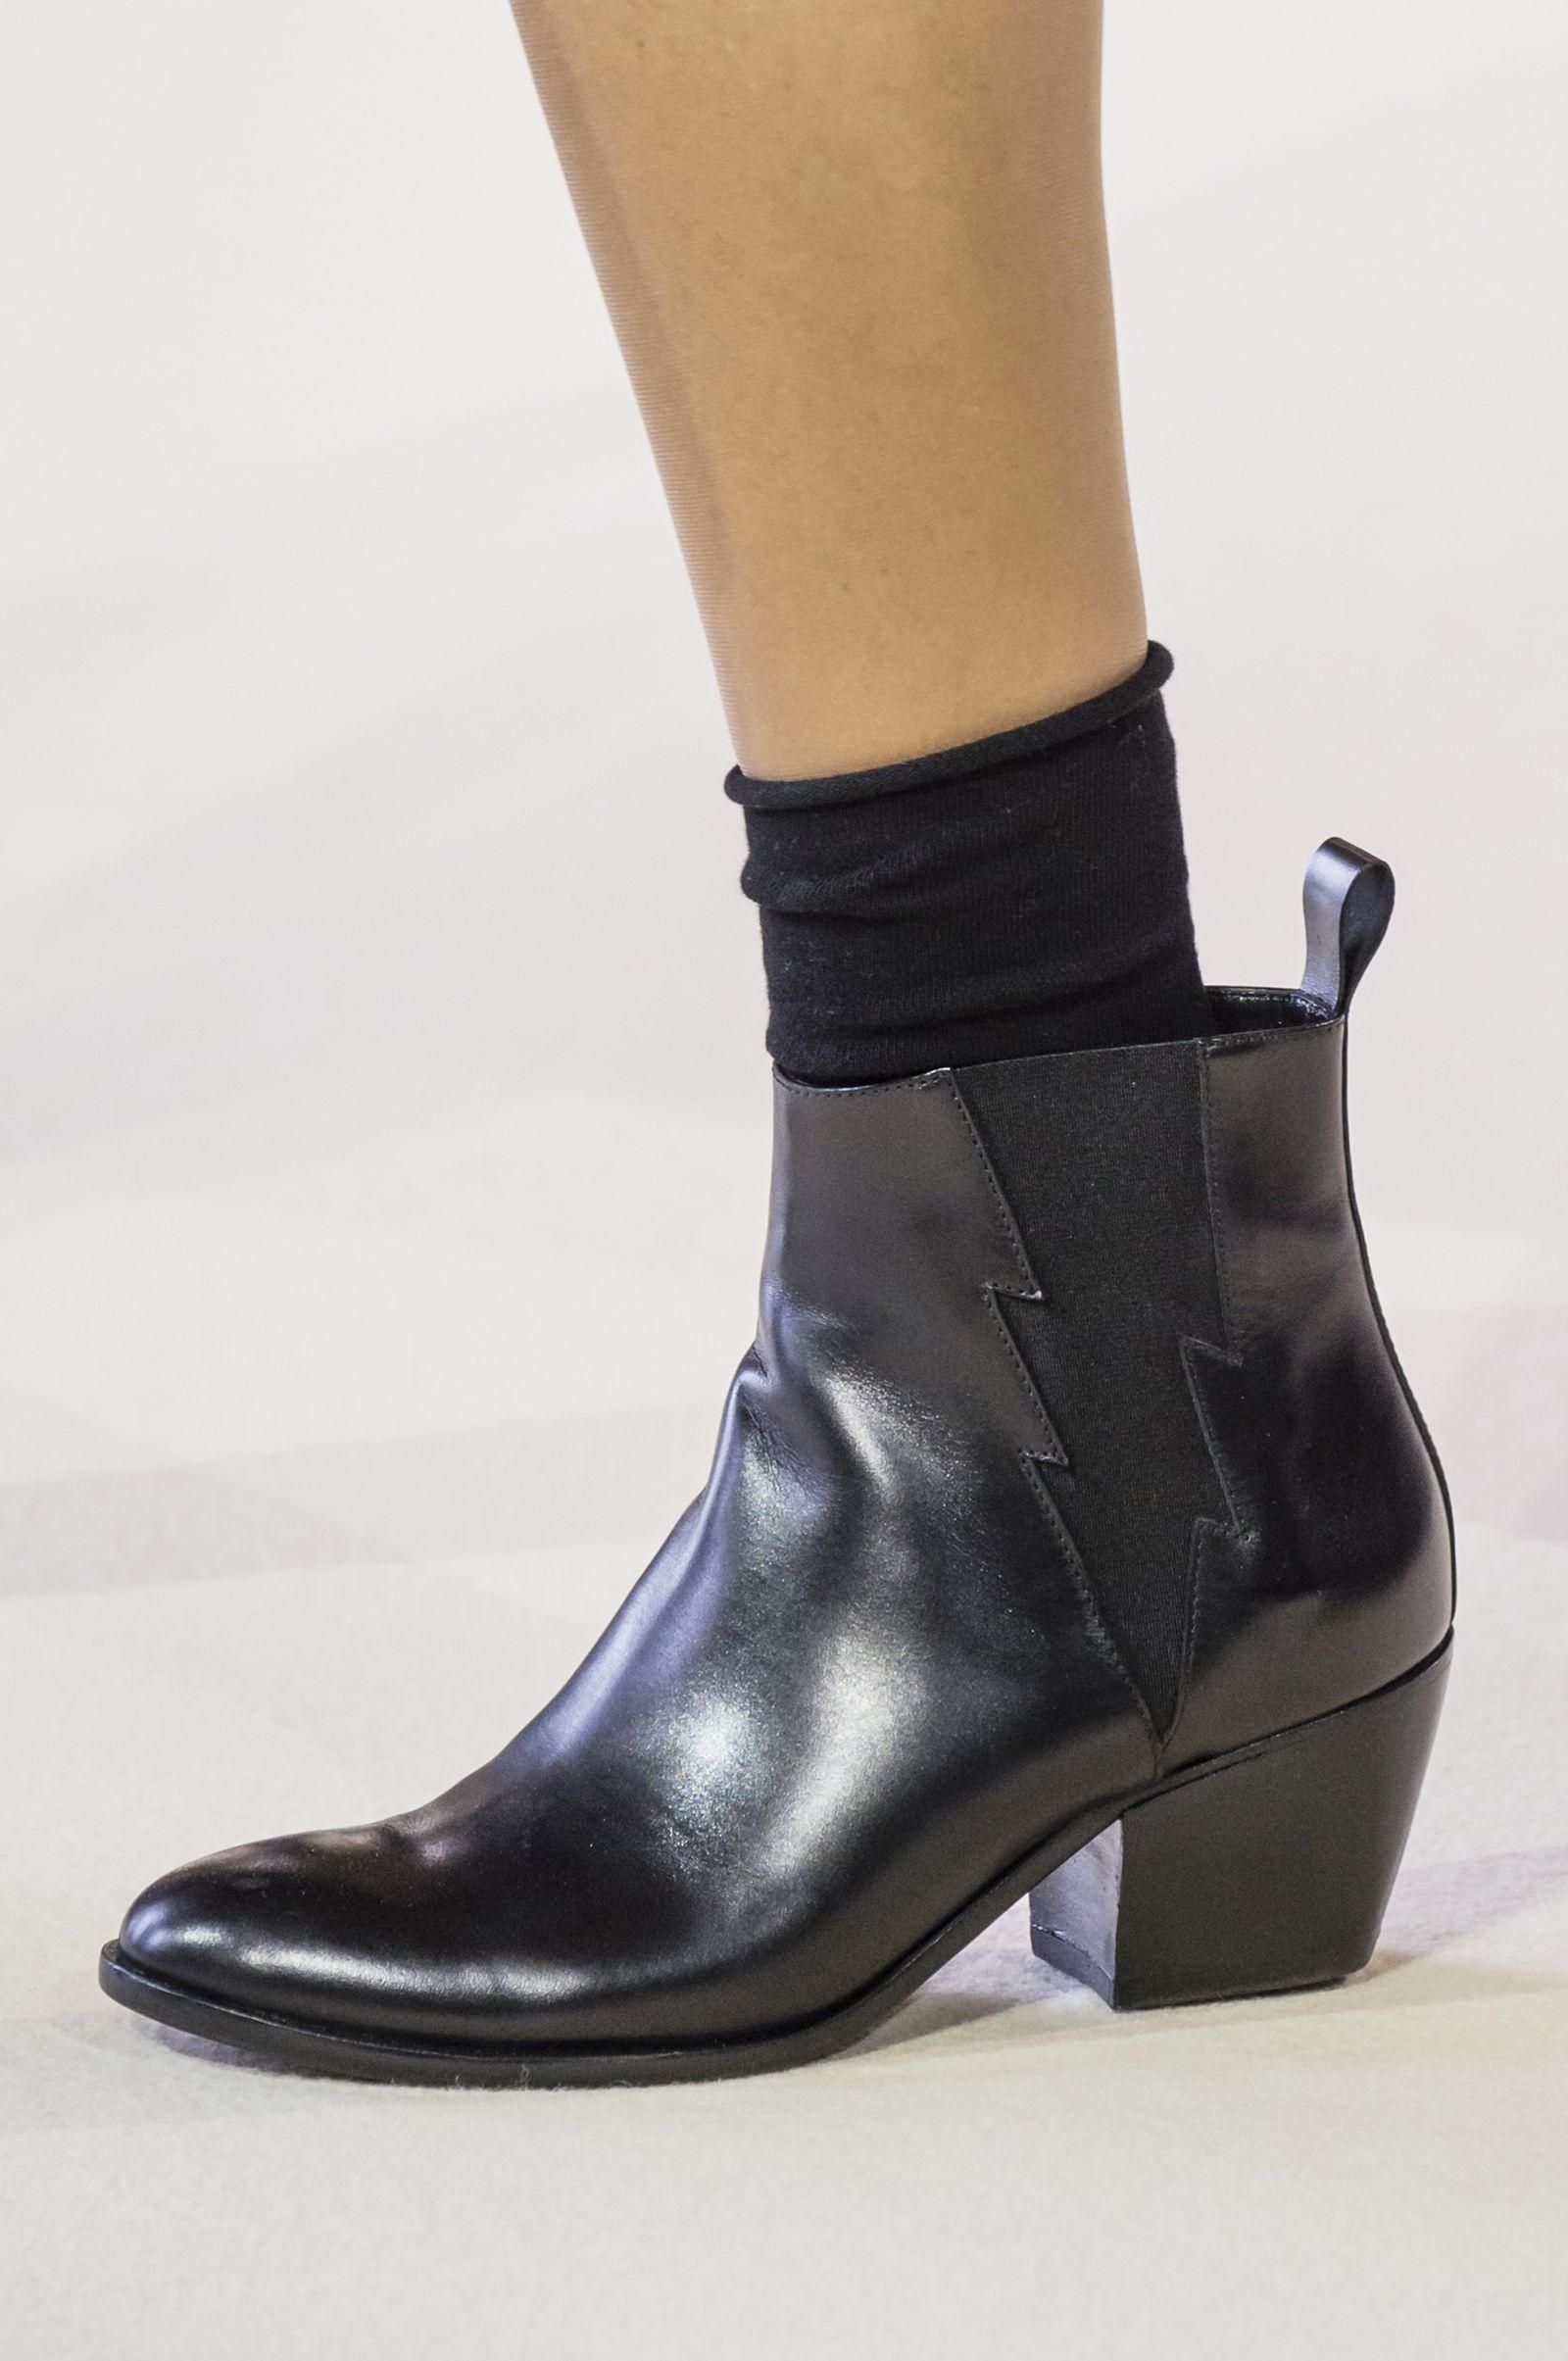 Le scarpe più furbe delle tendenze moda Autunno Inverno 2018 2019 ... a5a9d95efad